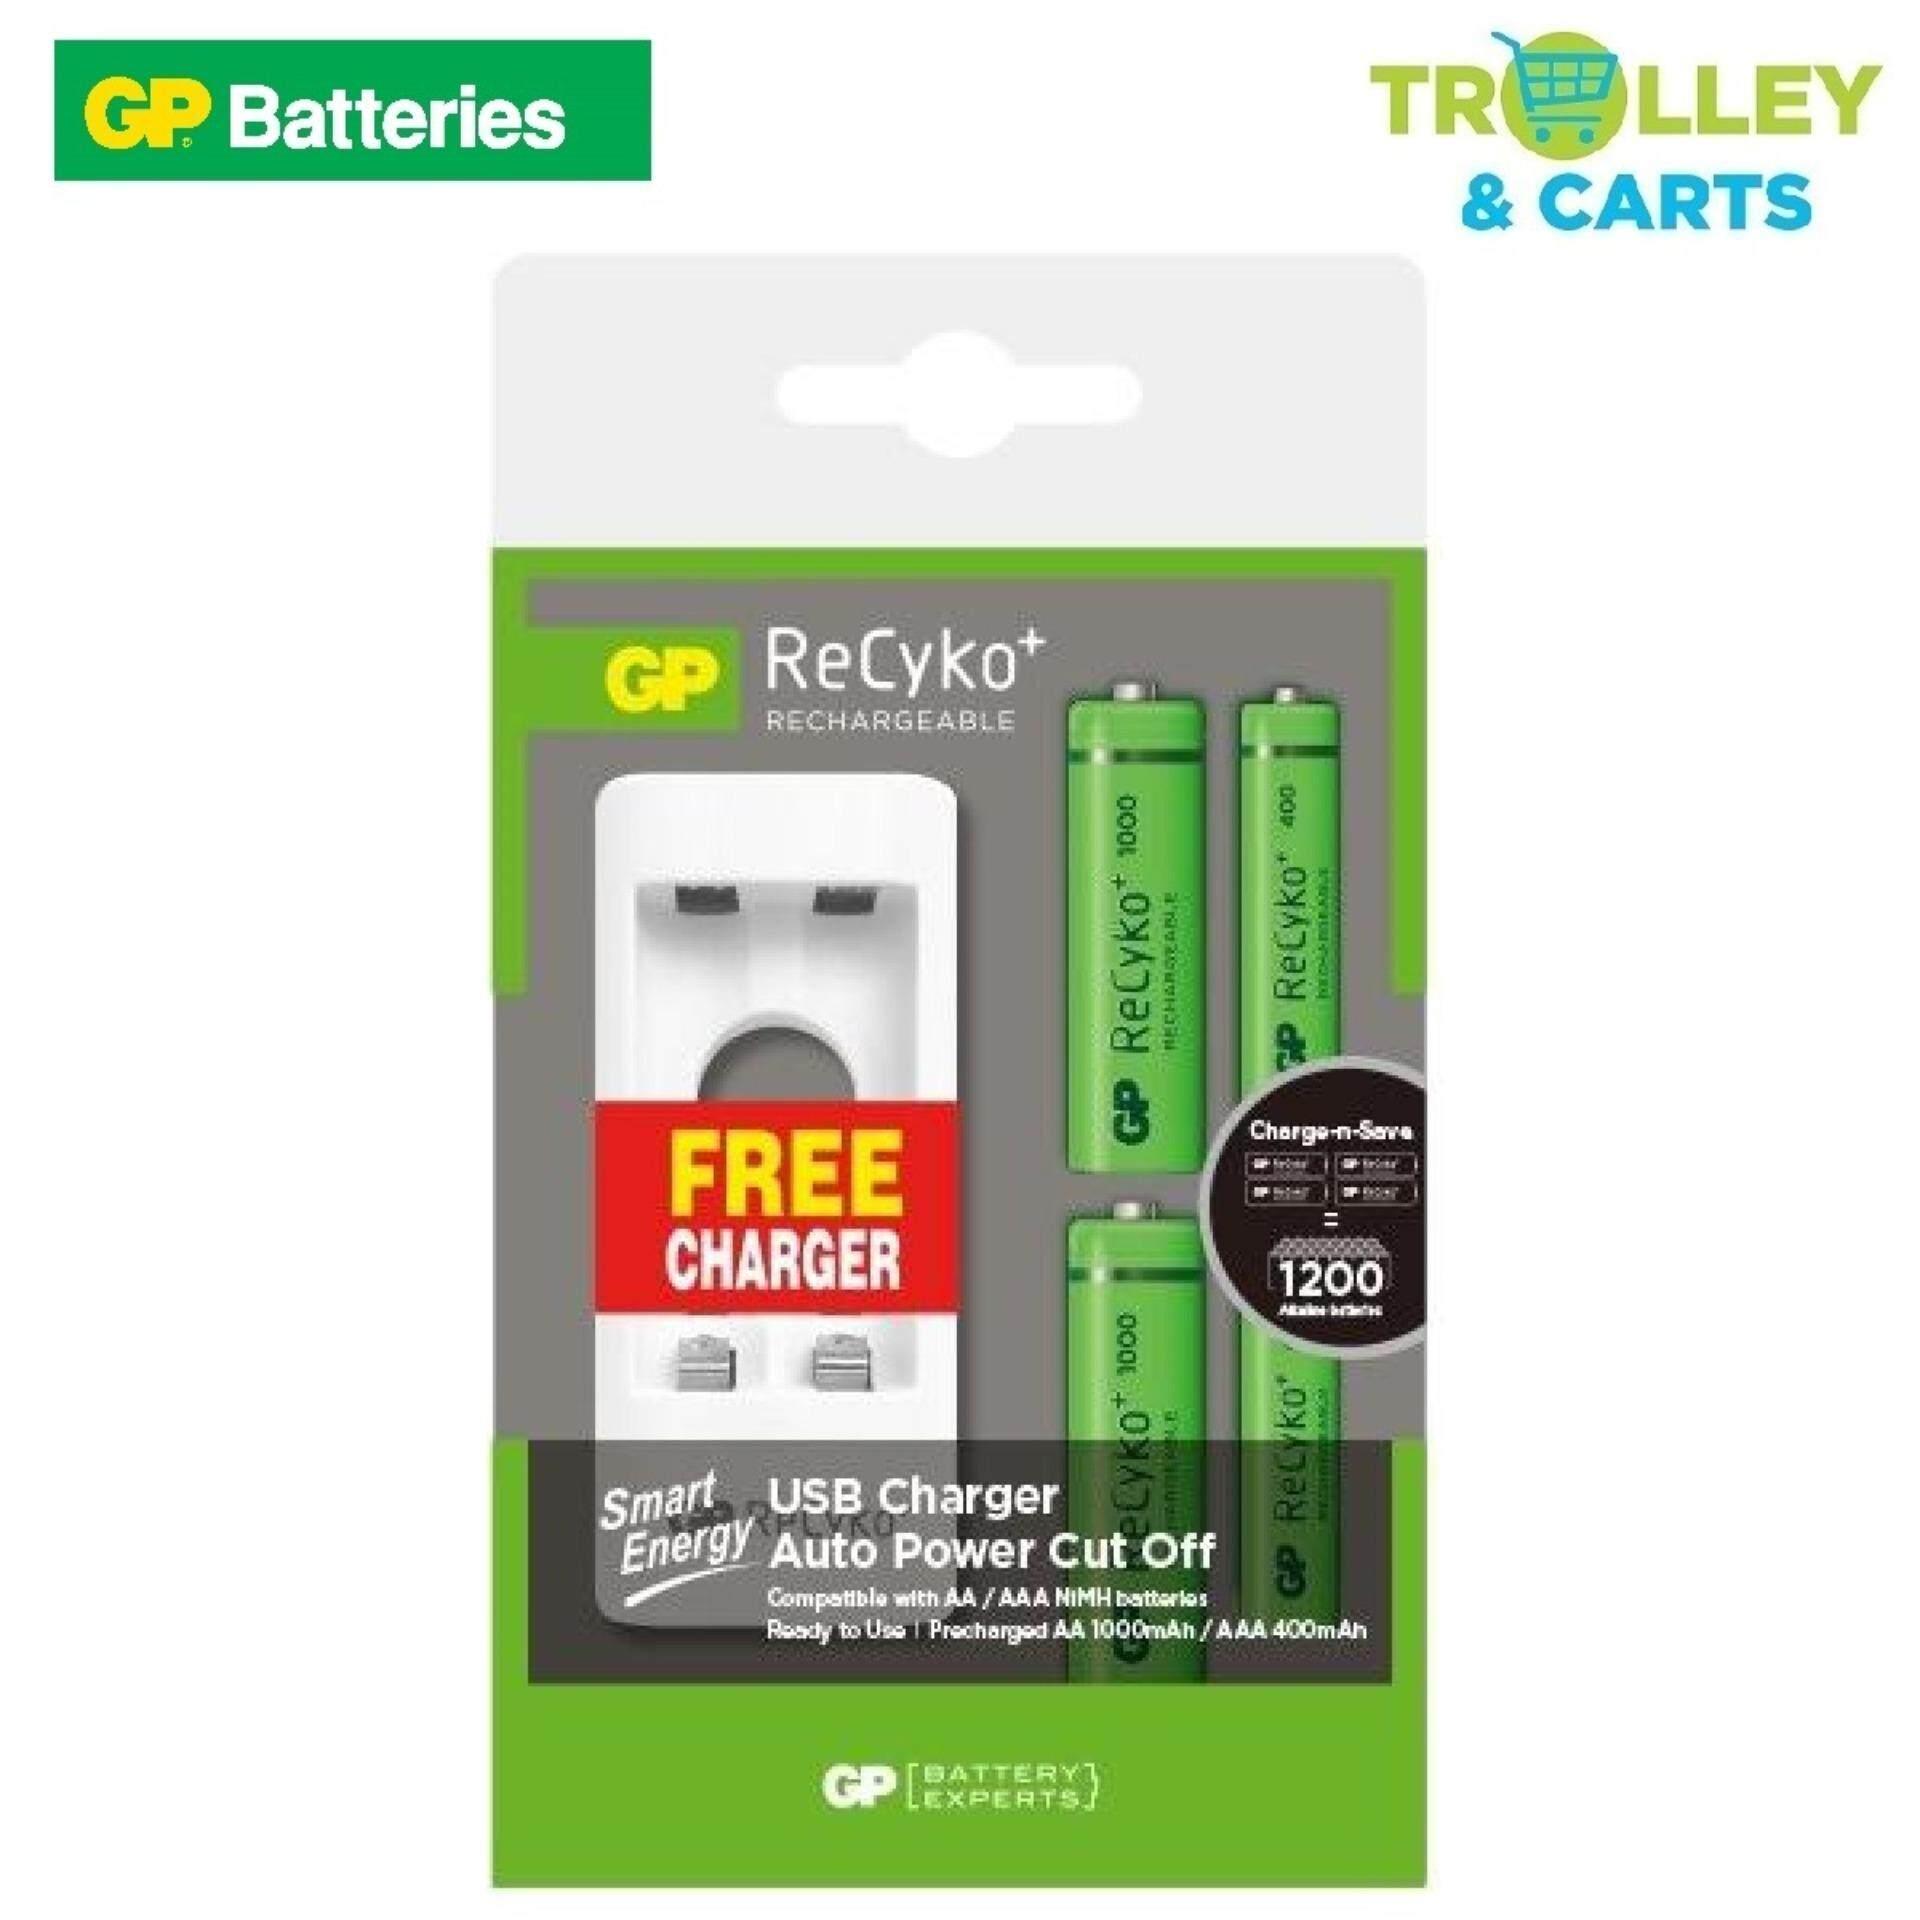 Original Baterai Acer Aspire 4752z 4752 Zg 4750 4741 As10d31 Battery 4349g 4738z 4738 4739g 4739 E1 471 5750 As10d51 As10d53 As10d3e As10d41 As10d61 As10d71 As10d81 As10d75 Gp Rechargeable 2pcs Aa 1000mah Aaa 400mah Free Usb Charger U211